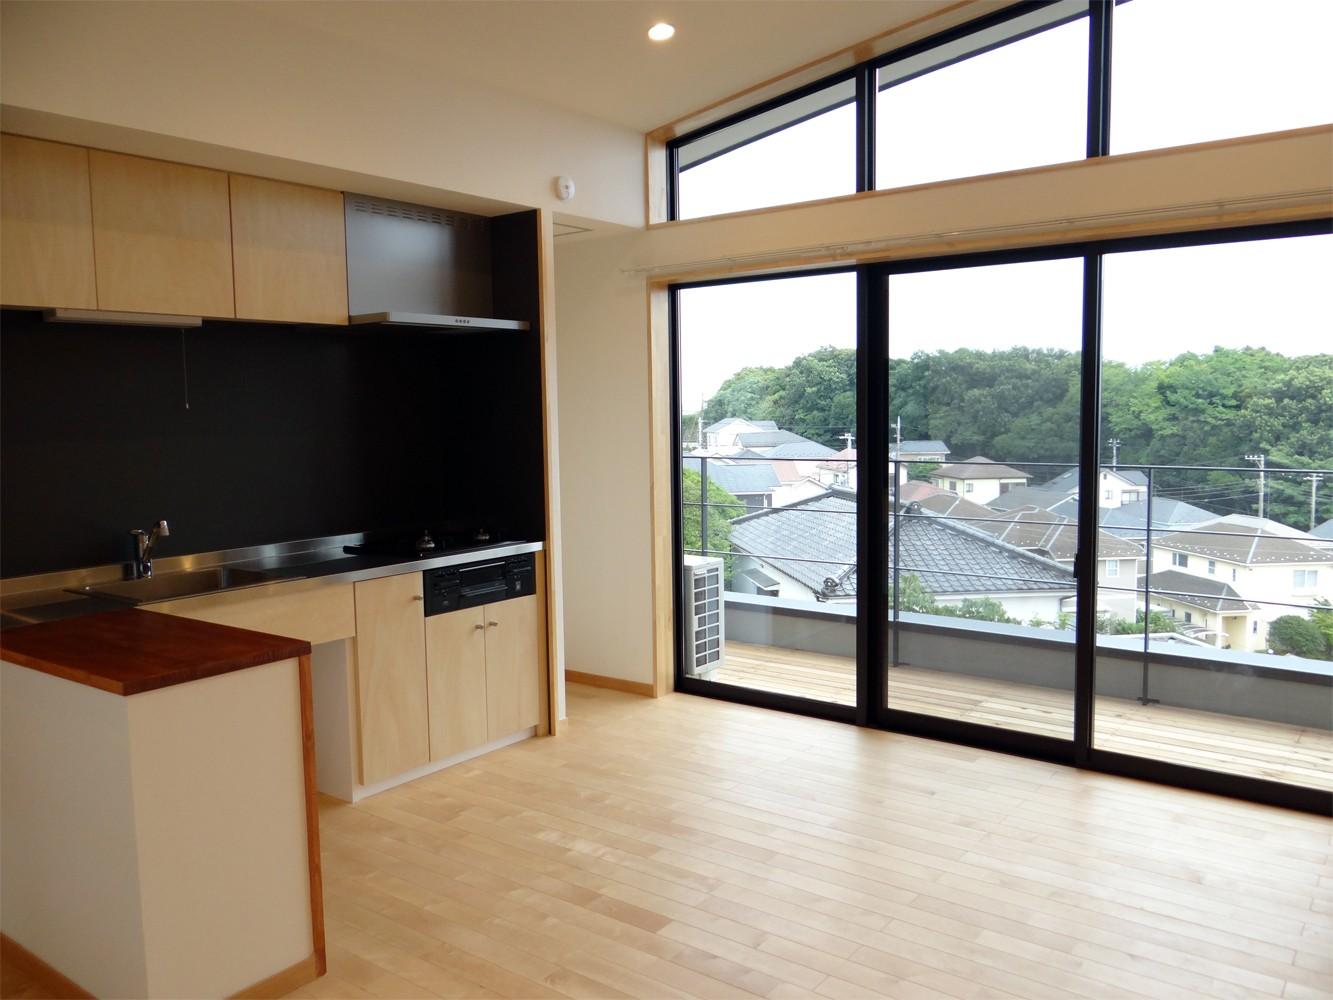 コアジロハウス 住戸B ―眺望を最大限に生かした共同住宅ー (リビングダイニング)